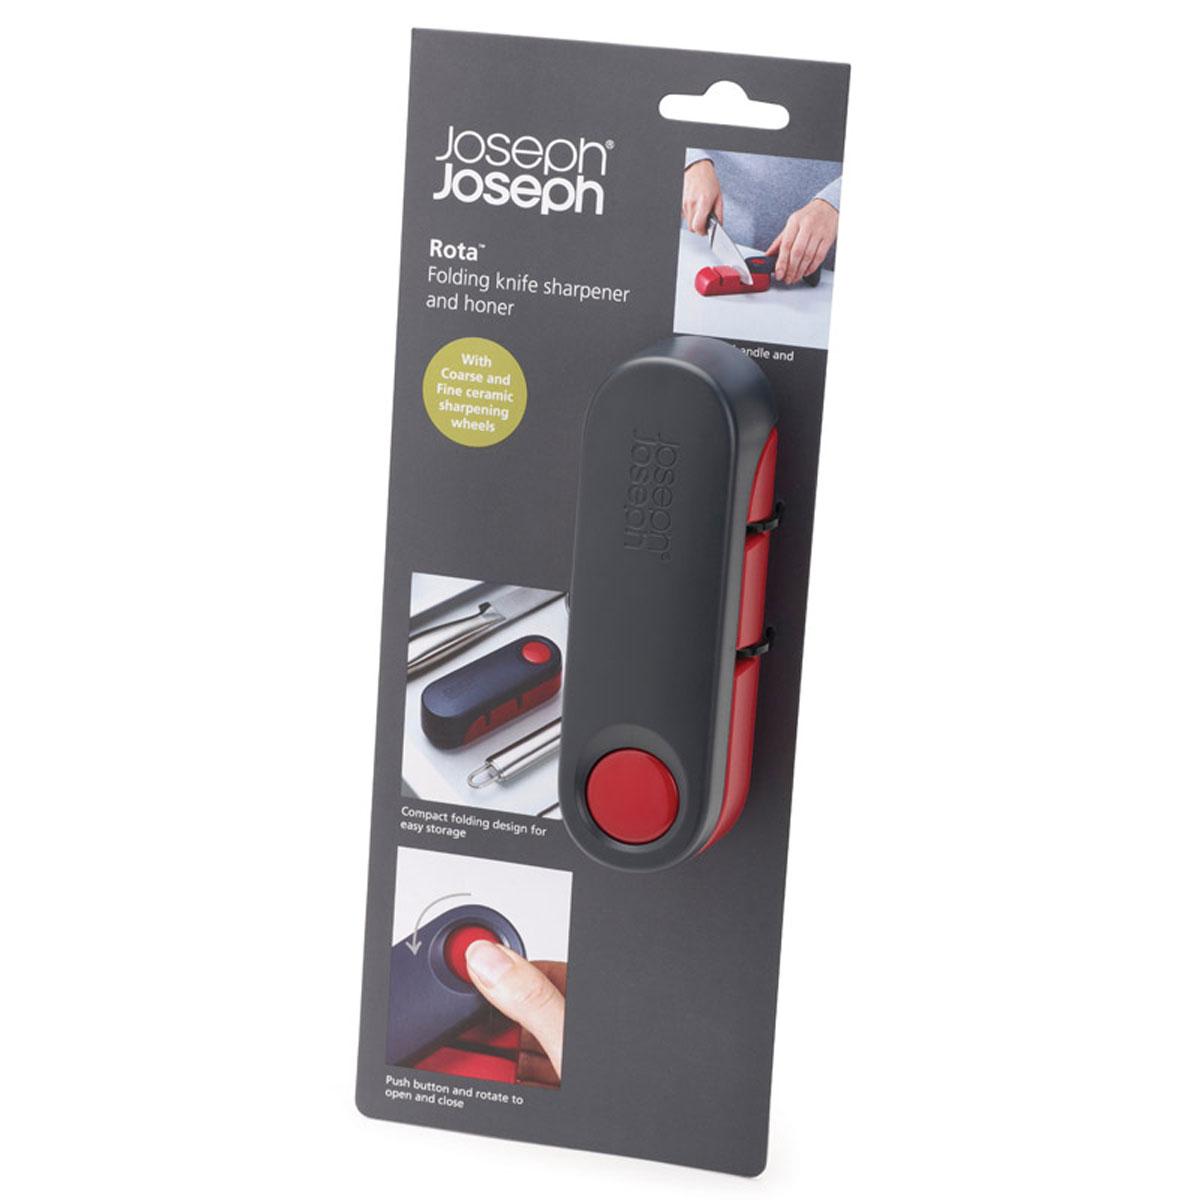 Ножеточка Joseph Joseph Rota, цвет: темно-серый, красный54 009312Ножеточка Joseph Joseph Rota изготовлена из высококачественного пластика. Уникальный дизайн ножеточки Joseph Joseph Rota с вращающейся крышкой помогает выполнить сразу две функции: во-первых, открыв ножеточку, вы сразу обеспечиваете себя удобной ручкой, которая позволяет плотно прижать ее к столешнице. А во-вторых, после заточки ножа, инструмент аккуратно складывается, что экономит место в вашем кухонном ящике. Ножеточка имеет две прорези (с крупнозернистой и мелкой заточкой), которые позволяют точно и тонко наточить ножи разного формата. Нескользящее основание добавляет устойчивости при работе. Ножеточка Joseph Joseph Rota станет незаменимой на вашей кухне. Длина ножеточки (в развернутом виде): 19,5 см. Ширина ножеточки: 4 см. Высота ножеточки: 4 см.